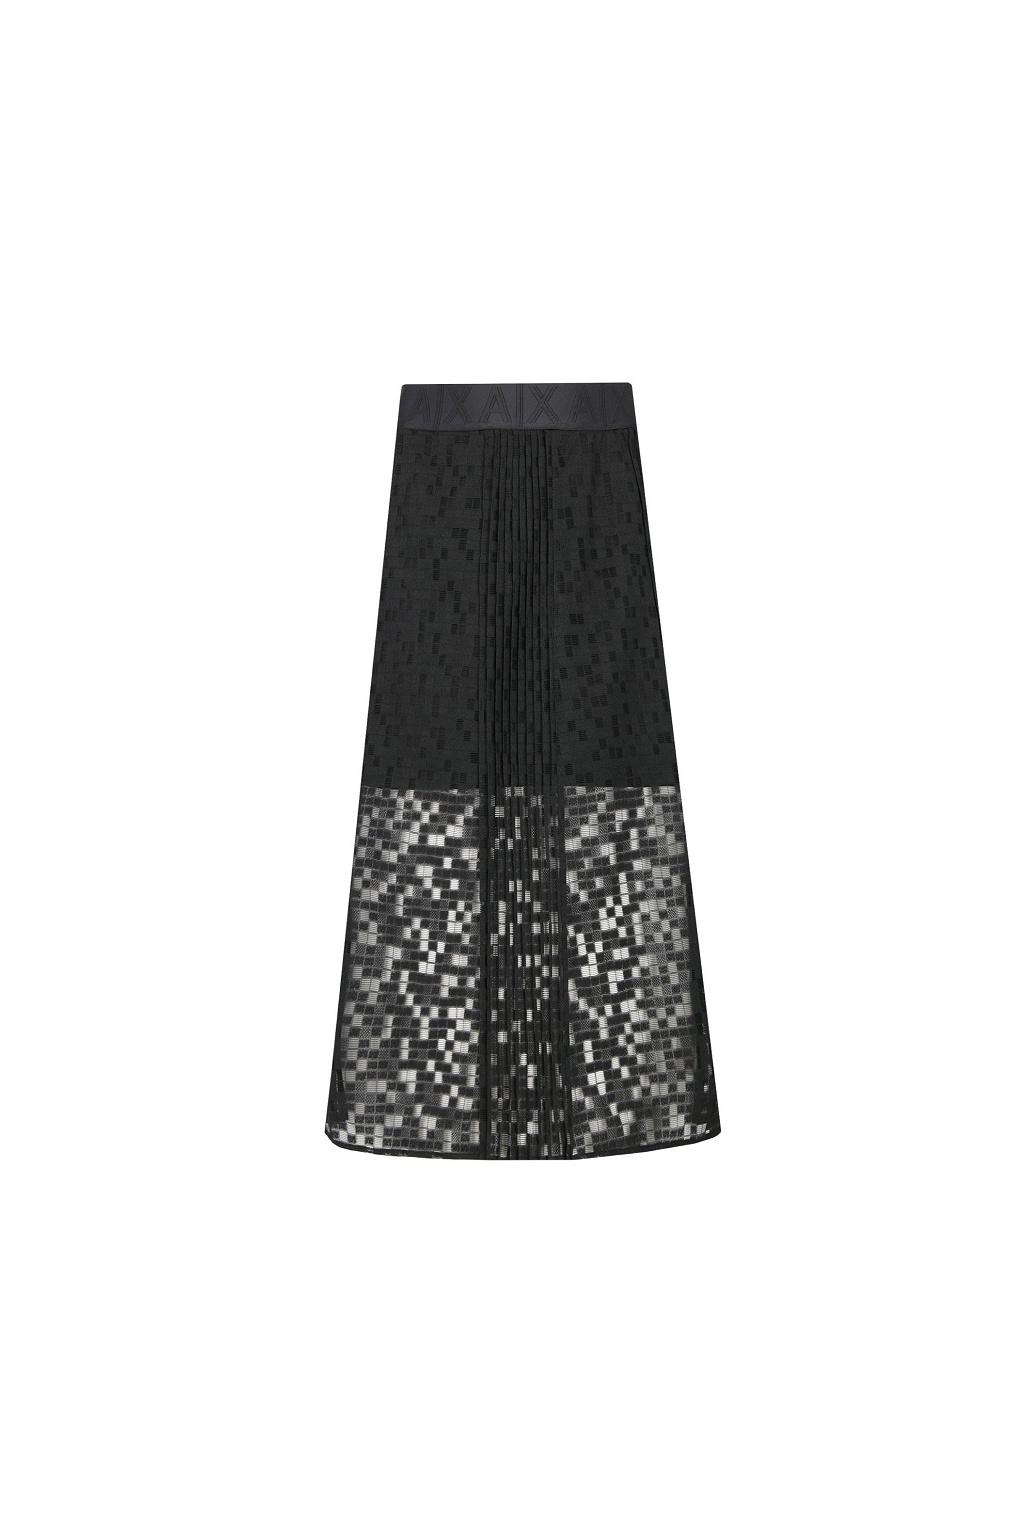 6GYN46 YNQTZ Dámská skládaná sukně Armani Exchange černá